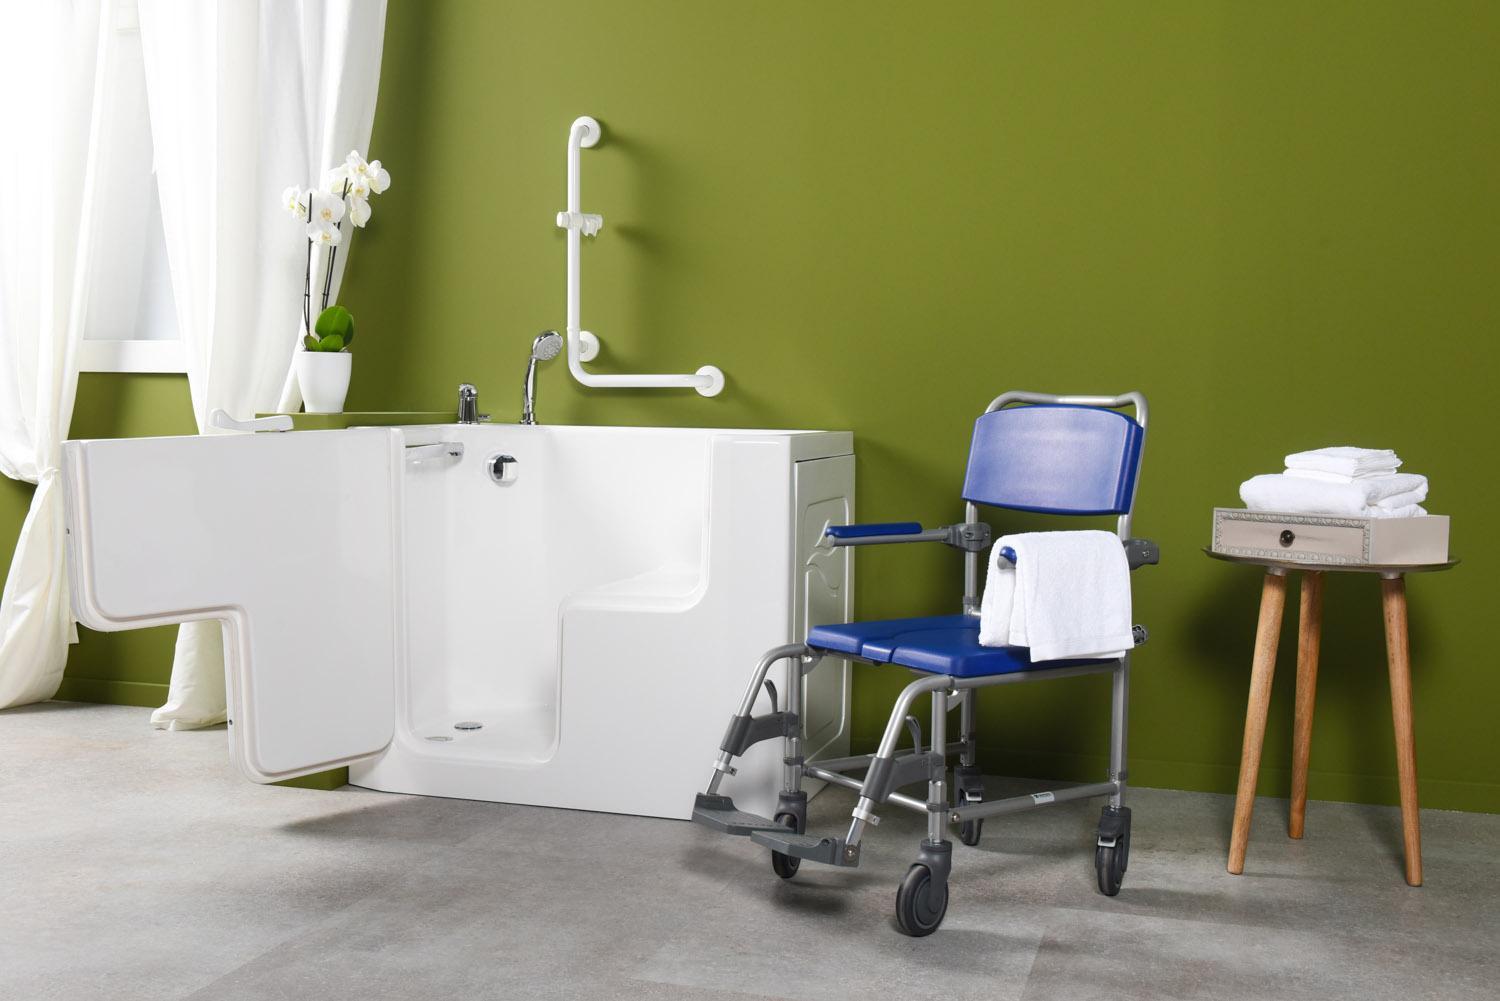 Prezzi Vasche Da Bagno Con Apertura Laterale : Vasto assortimento di docce e vasche da bagno con sportello